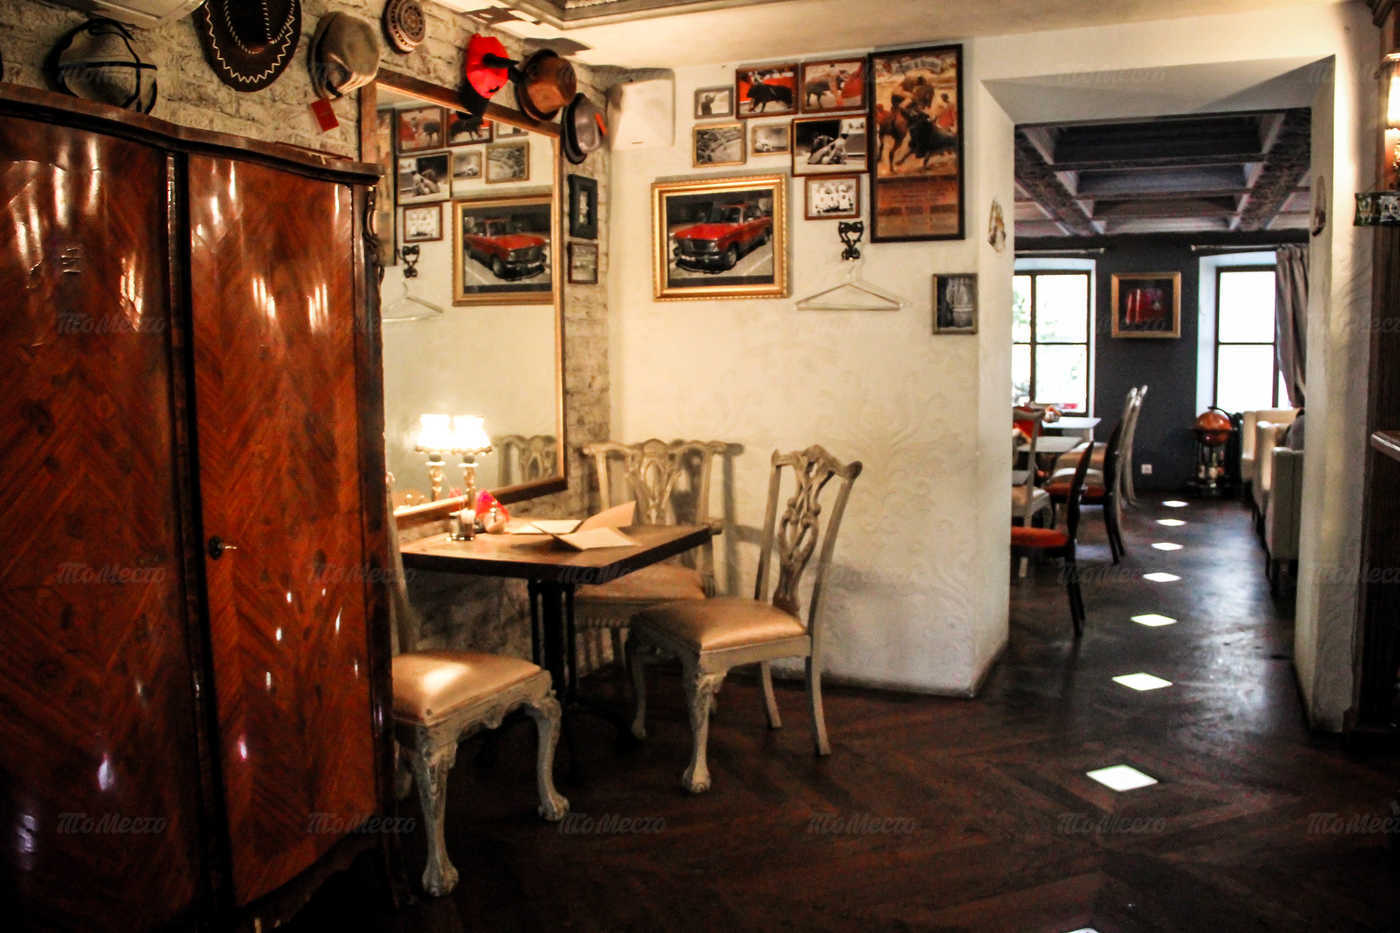 Бар, ресторан Хавьер (Daily Bar XAVIER) на Гагаринской улице фото 6